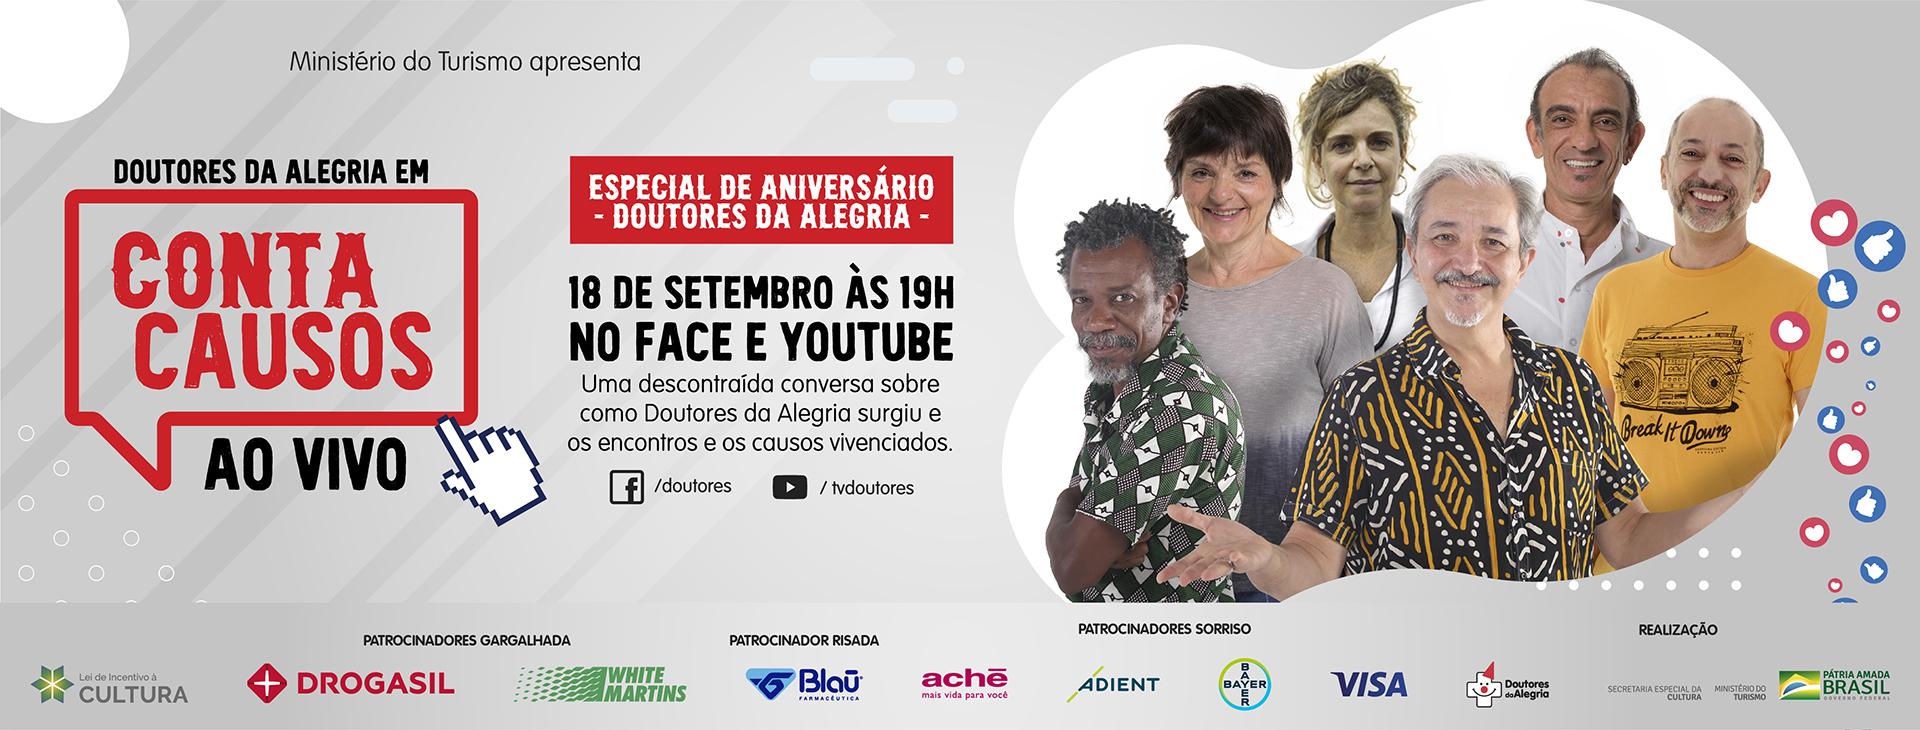 Conta Causos ao vivo, nesta sexta às 19h, celebra aniversário da organização